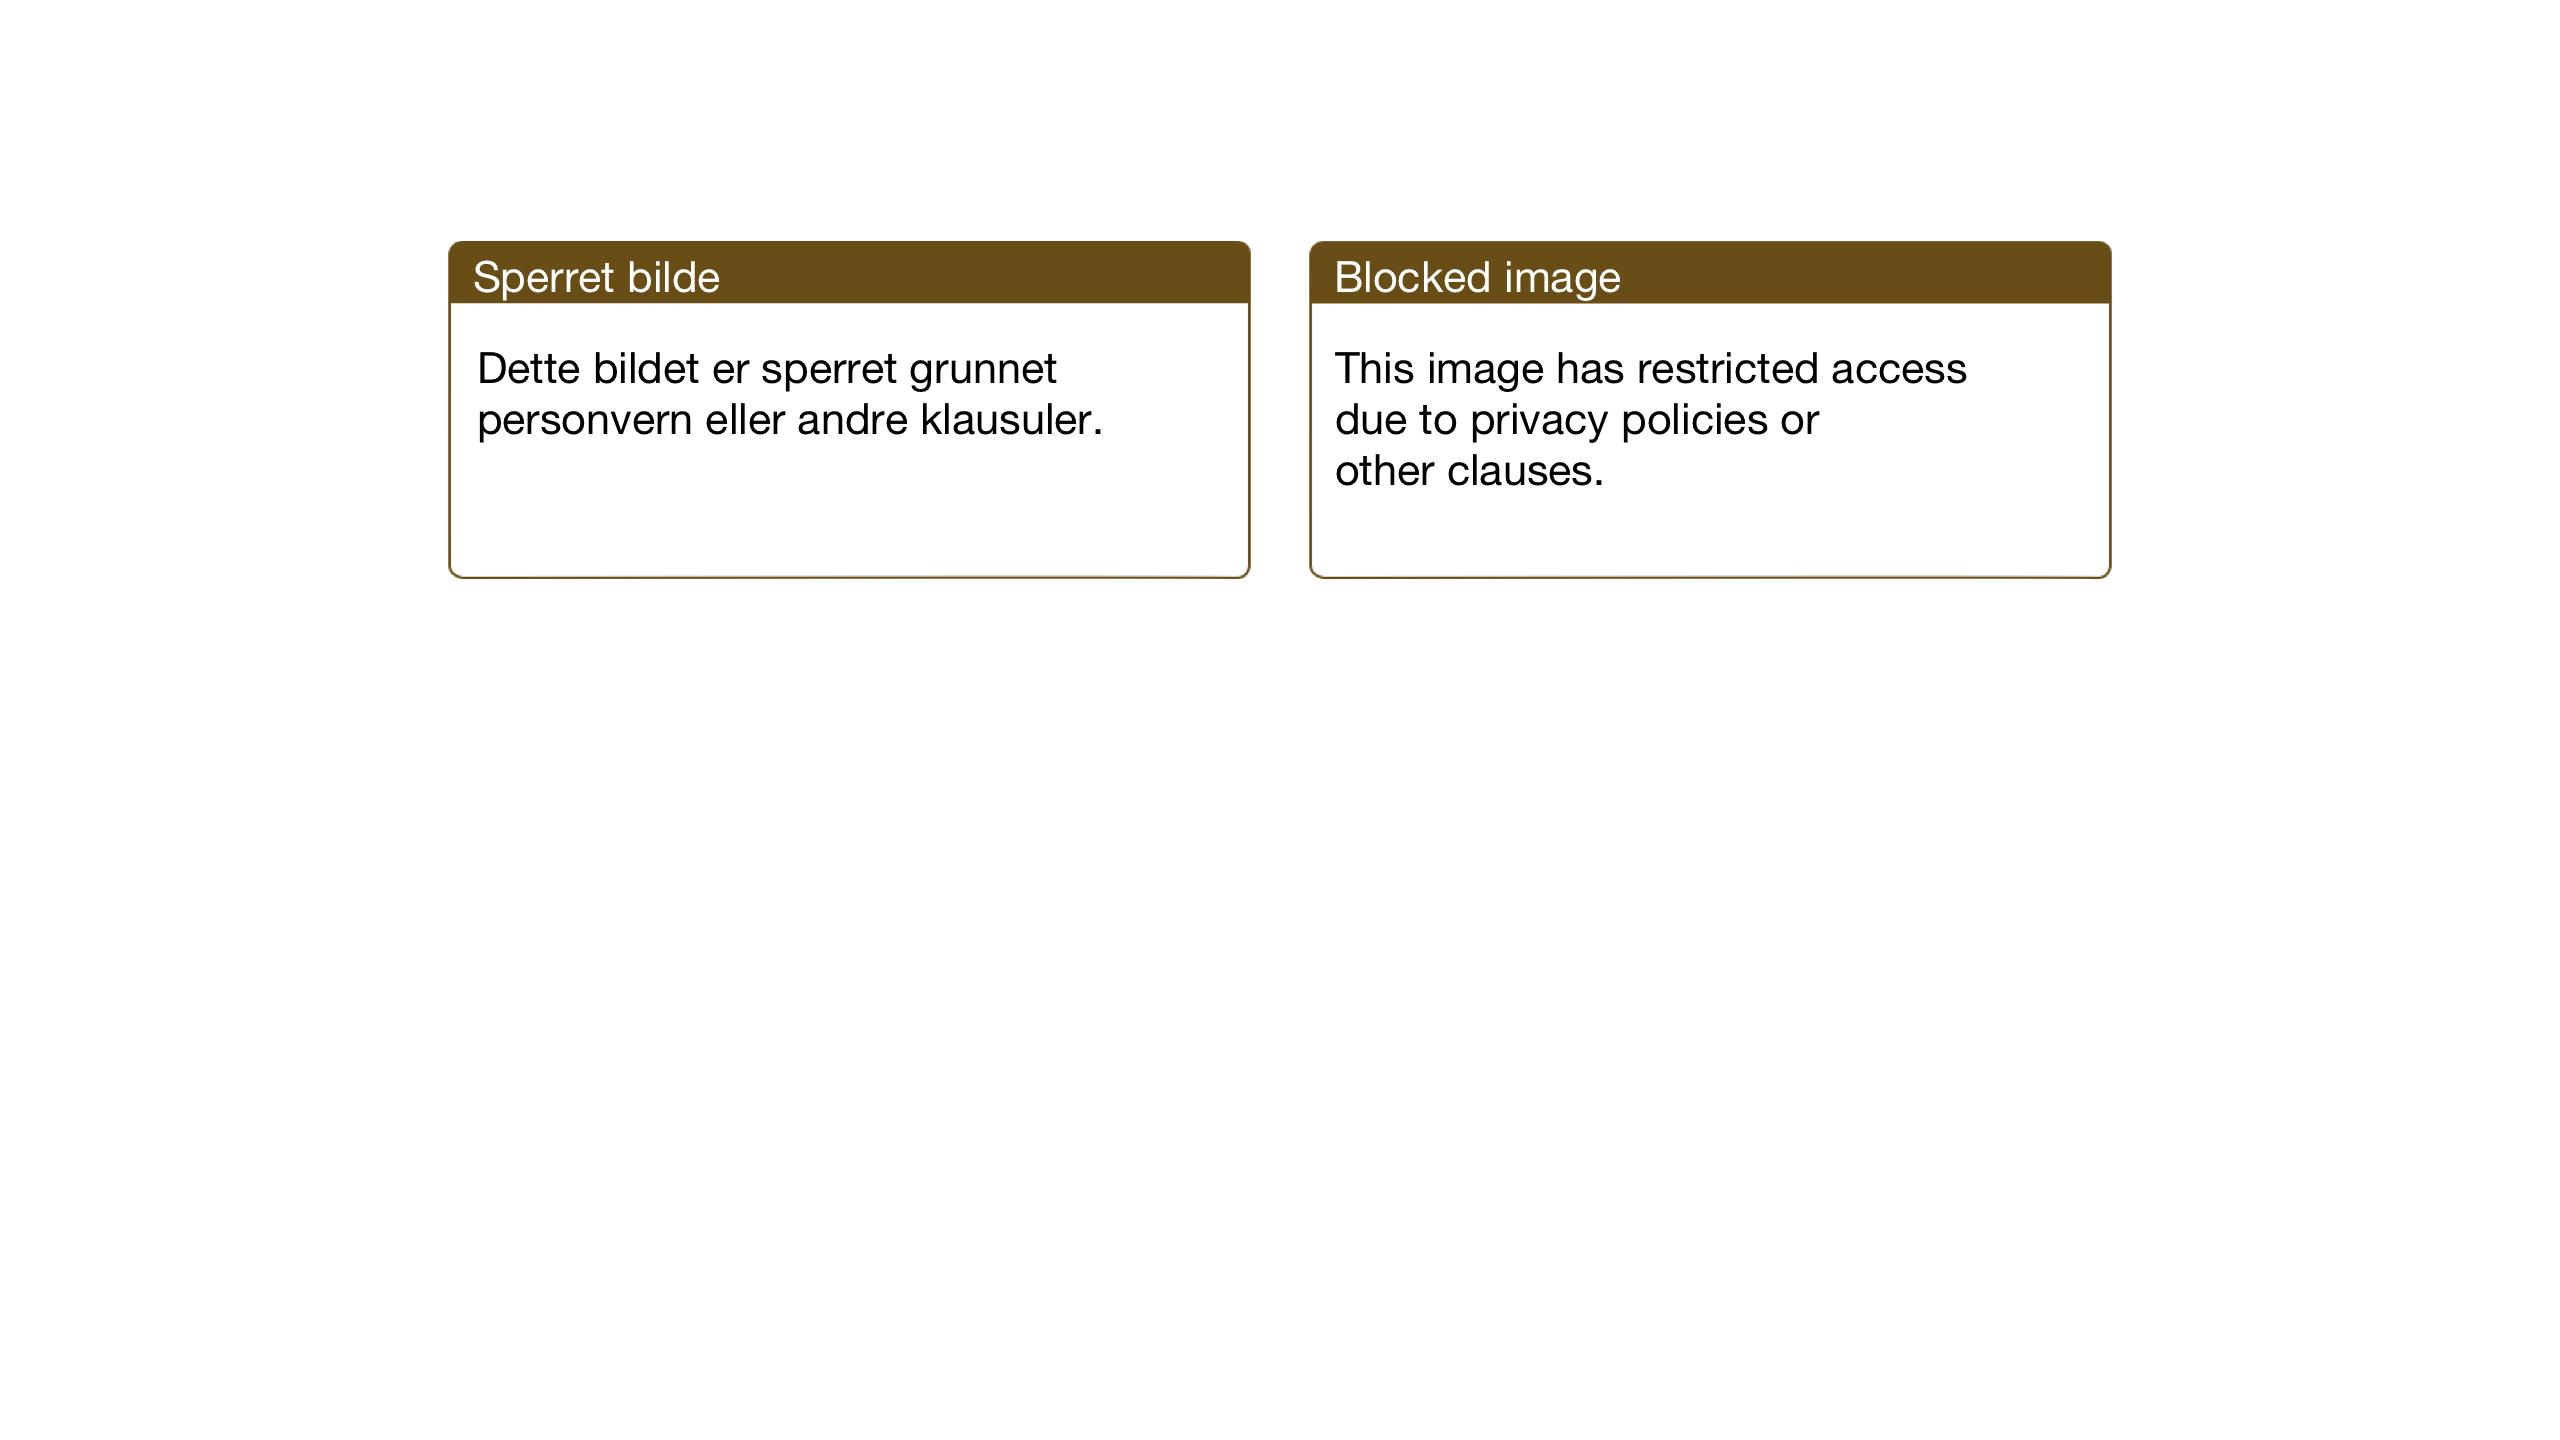 SAT, Ministerialprotokoller, klokkerbøker og fødselsregistre - Sør-Trøndelag, 674/L0877: Klokkerbok nr. 674C04, 1913-1940, s. 84